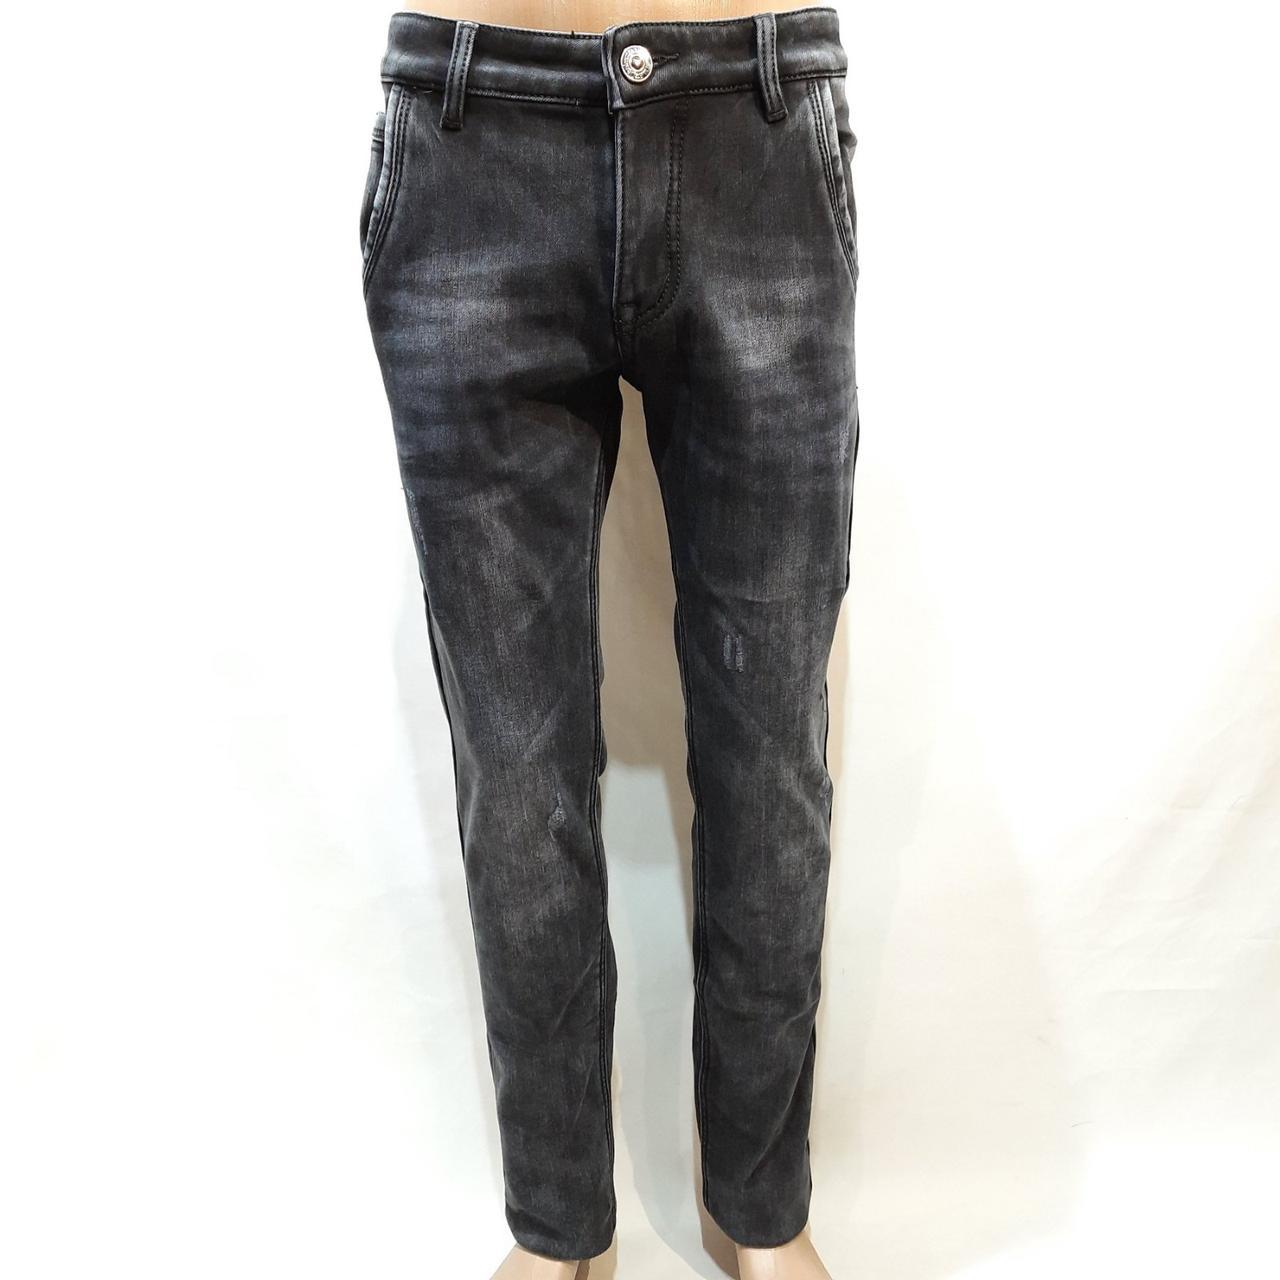 Теплые зимние потертые мужские прямые джинсы на флисе Черные